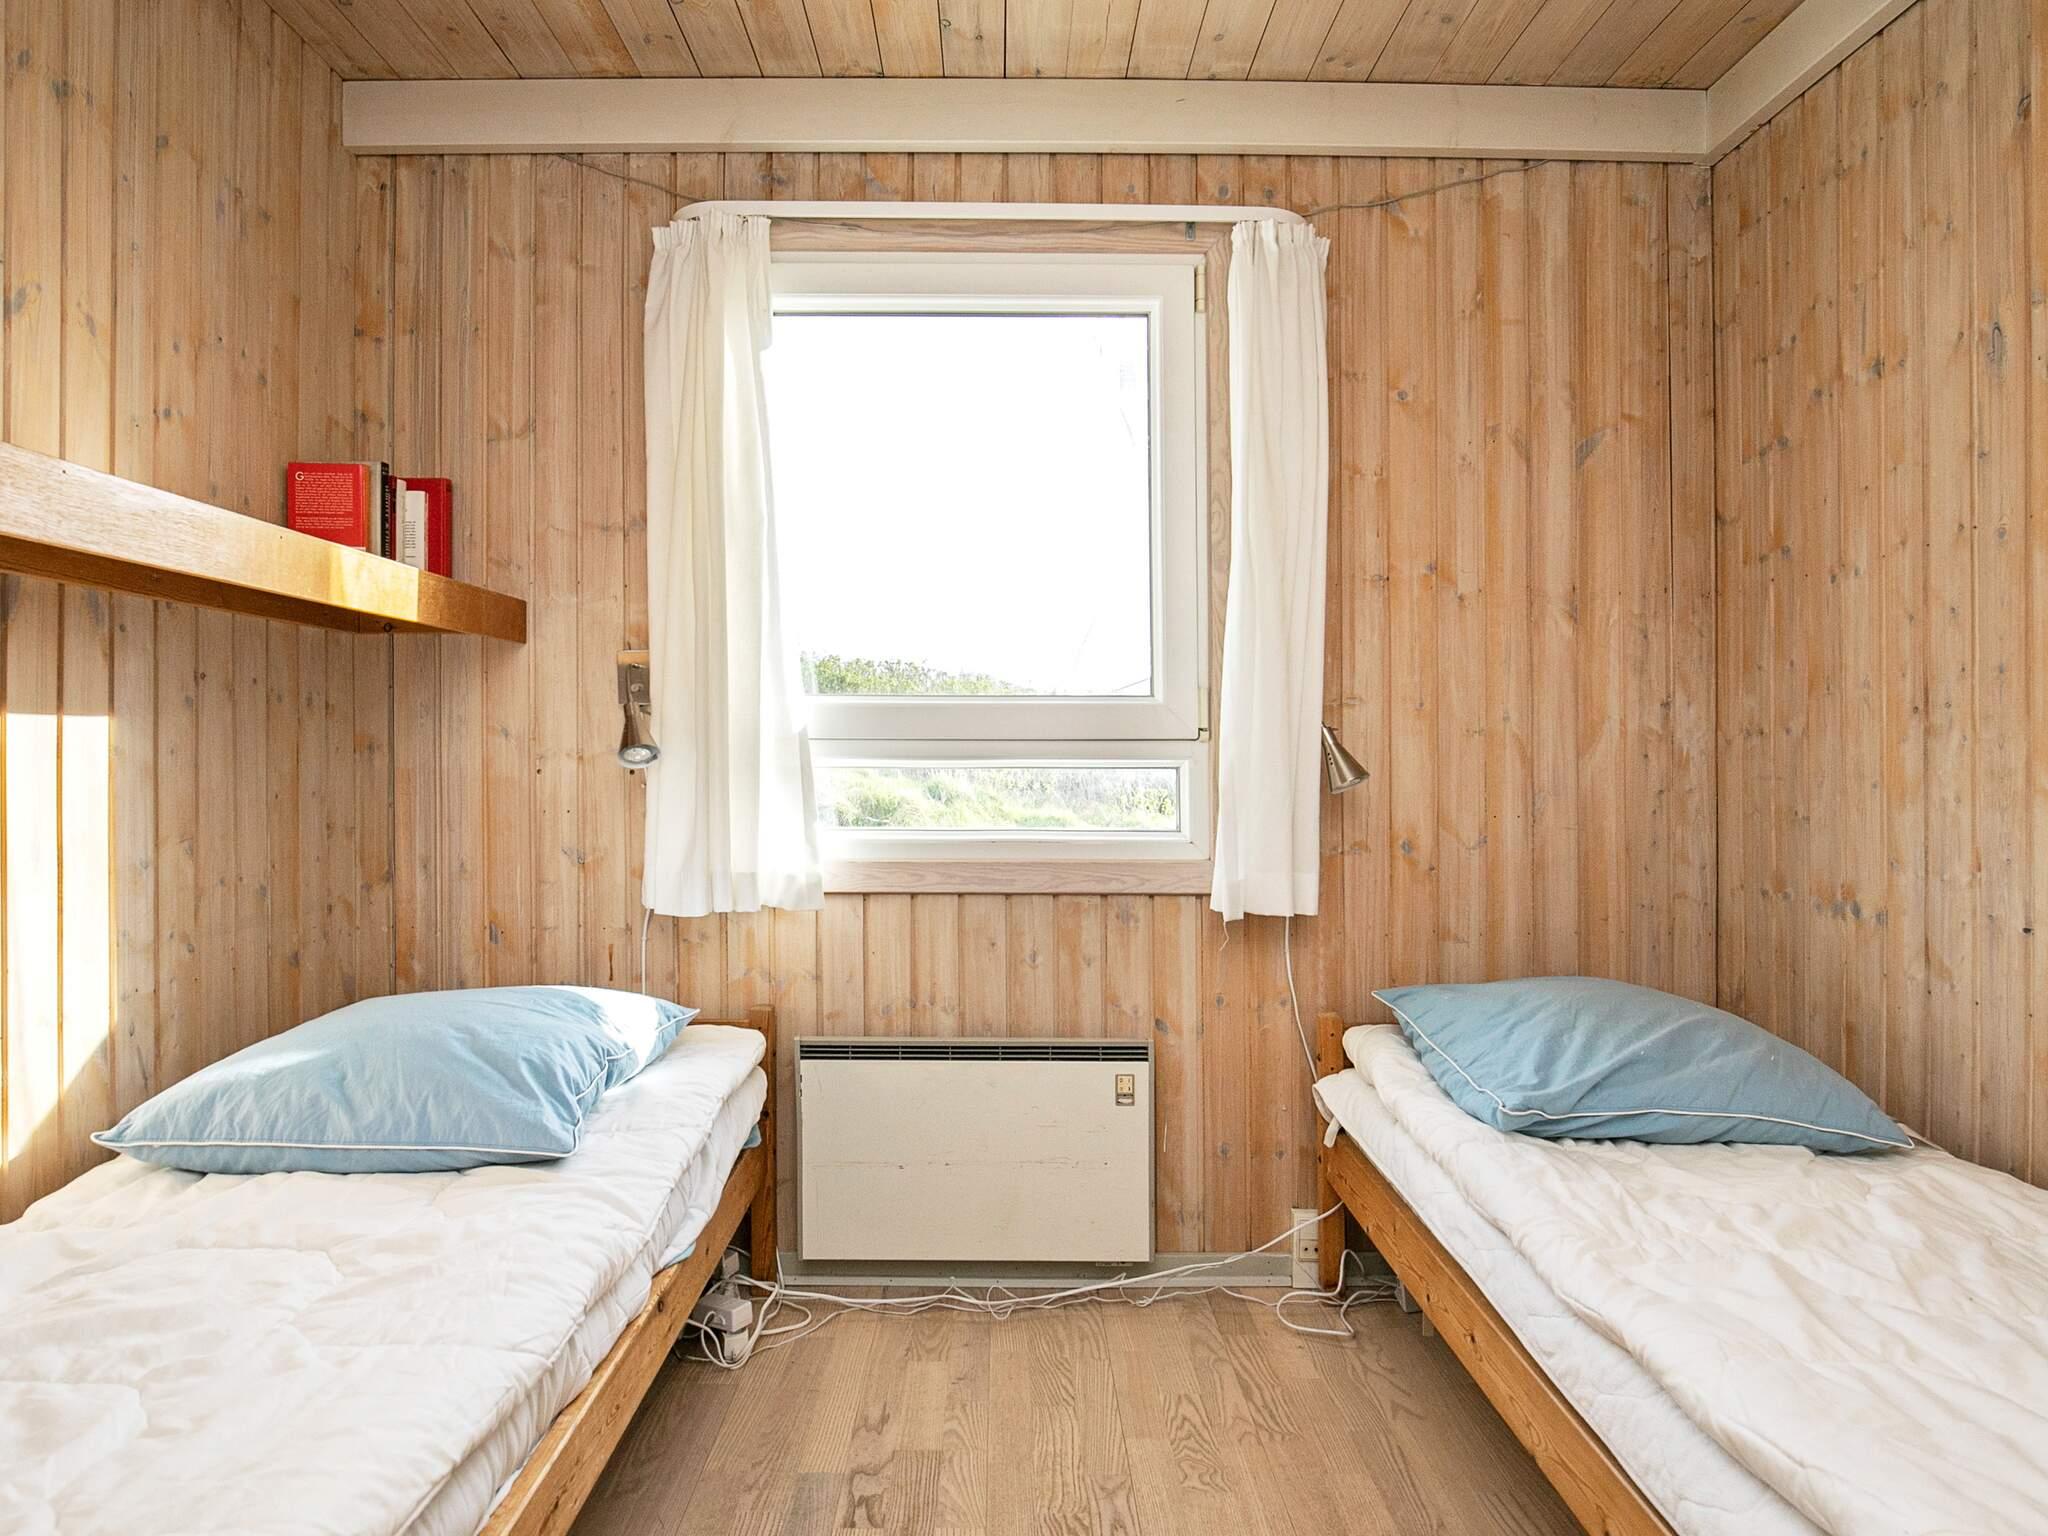 Ferienhaus Grønhøj Strand (89345), Løkken, , Dänische Nordsee, Dänemark, Bild 12